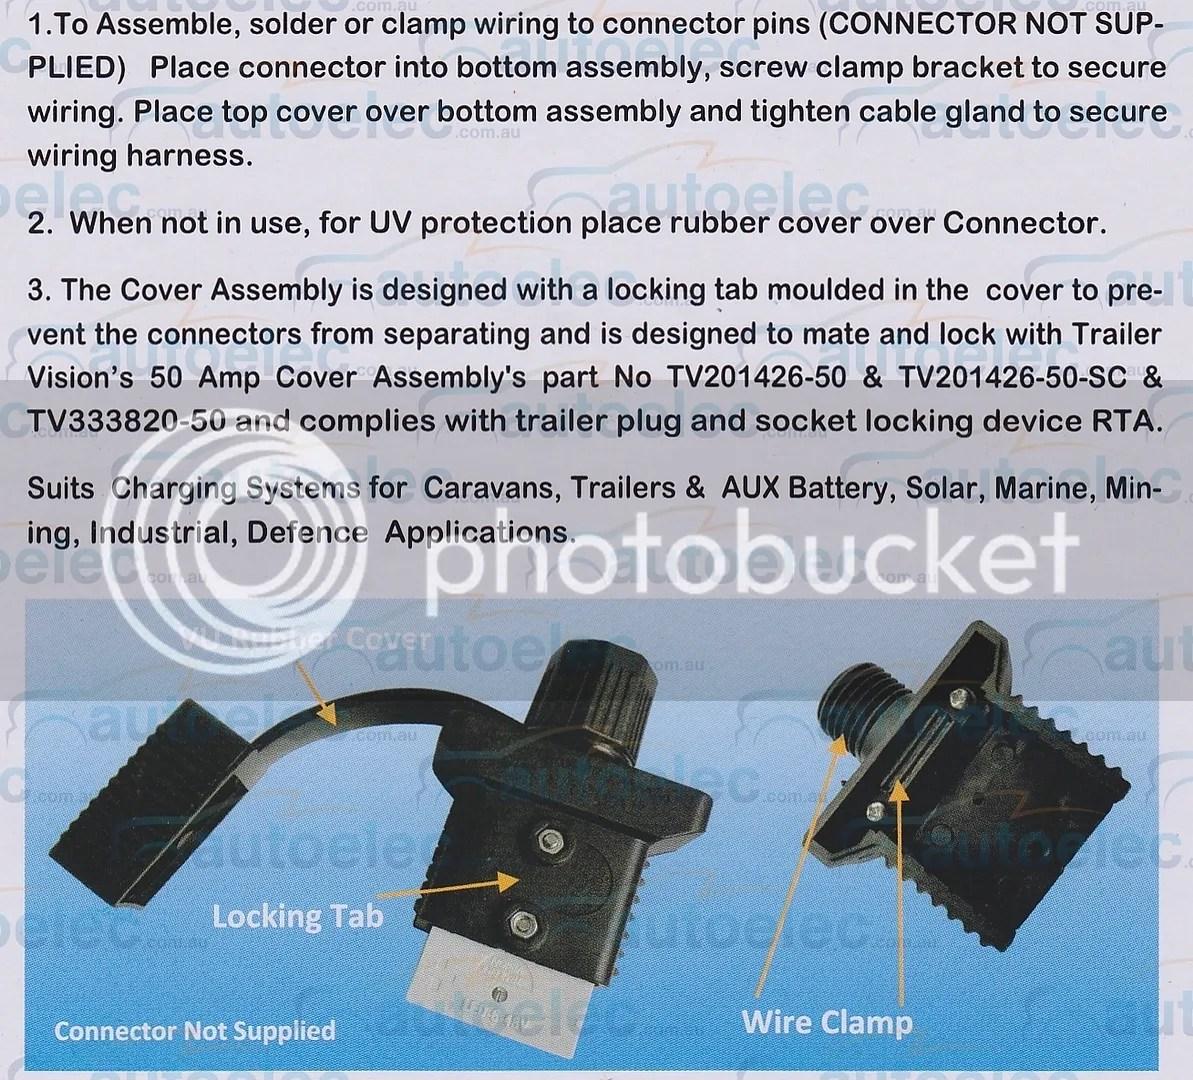 anderson plug wiring diagram for caravan 1982 chevy silverado connector genuine 50a amp 43 trailer vision